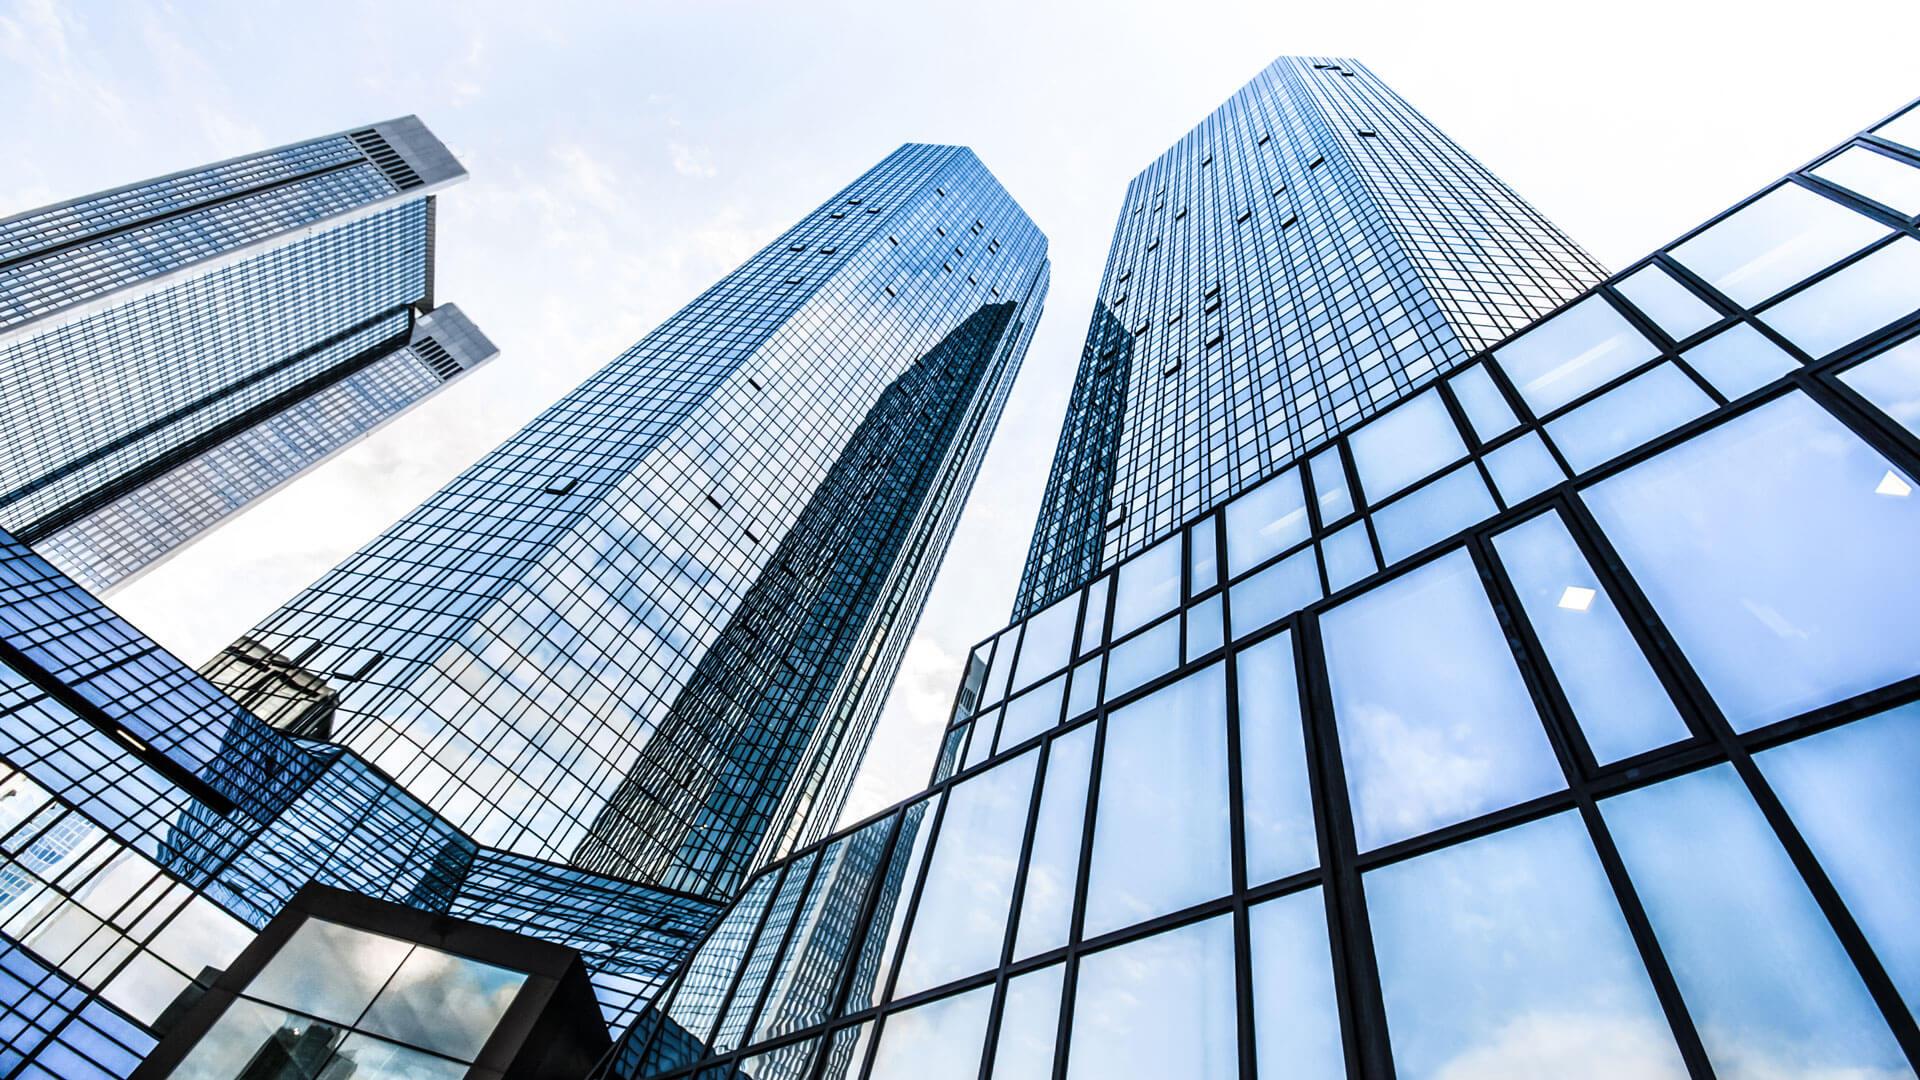 Ein Bild von Hochhäusern, welches aus der Froschperspektive aufgenommen wurde.